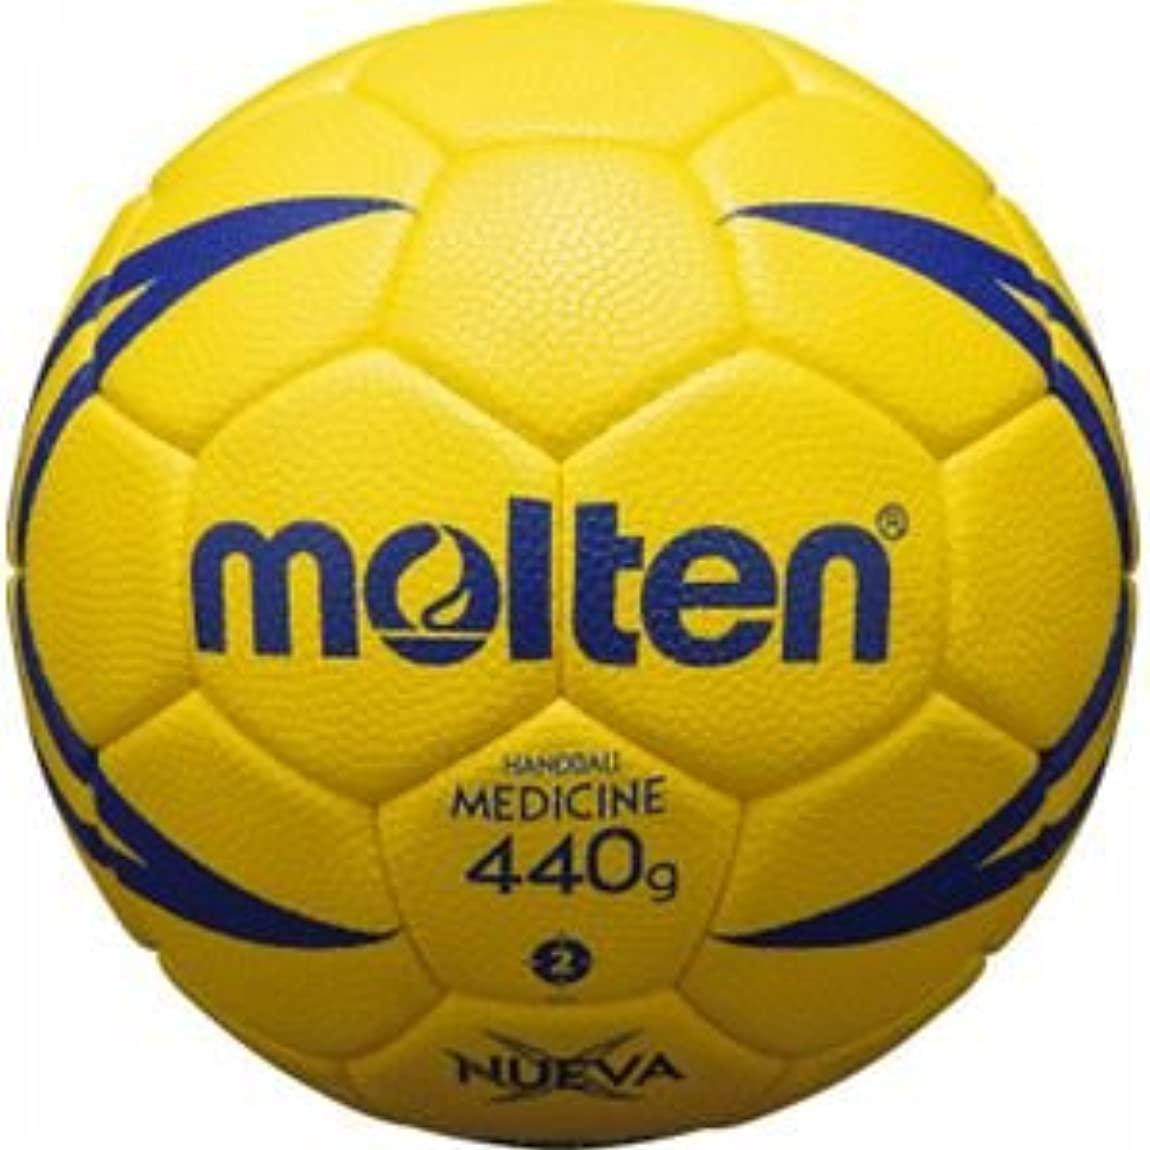 選択カテゴリー方向molten(モルテン) ヌエバX9200 2号(ハンドボール用ボール) H2X9200